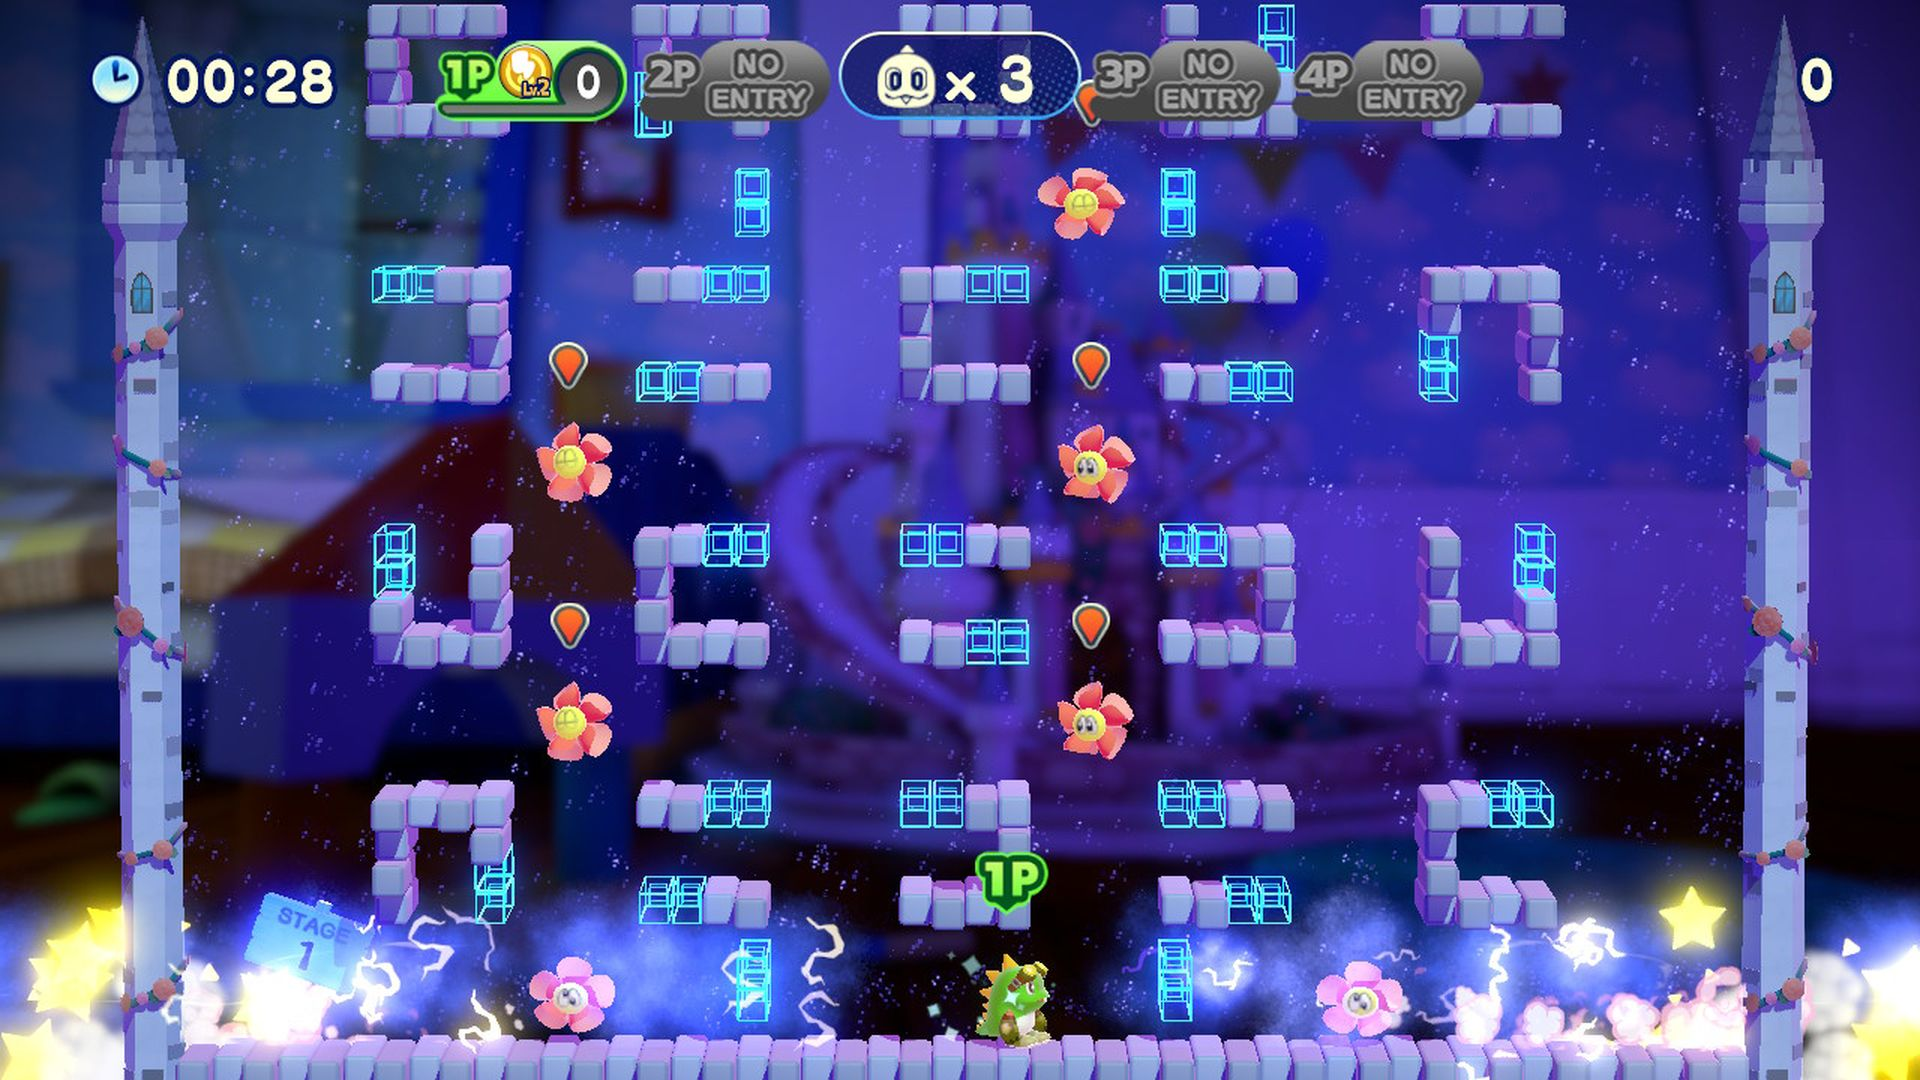 サンダーバブルをセットして使用したところ。L/Rボタンを押すと「とくしゅバブル」をはき、これを割るとサンダーが発生して敵を攻撃することができる